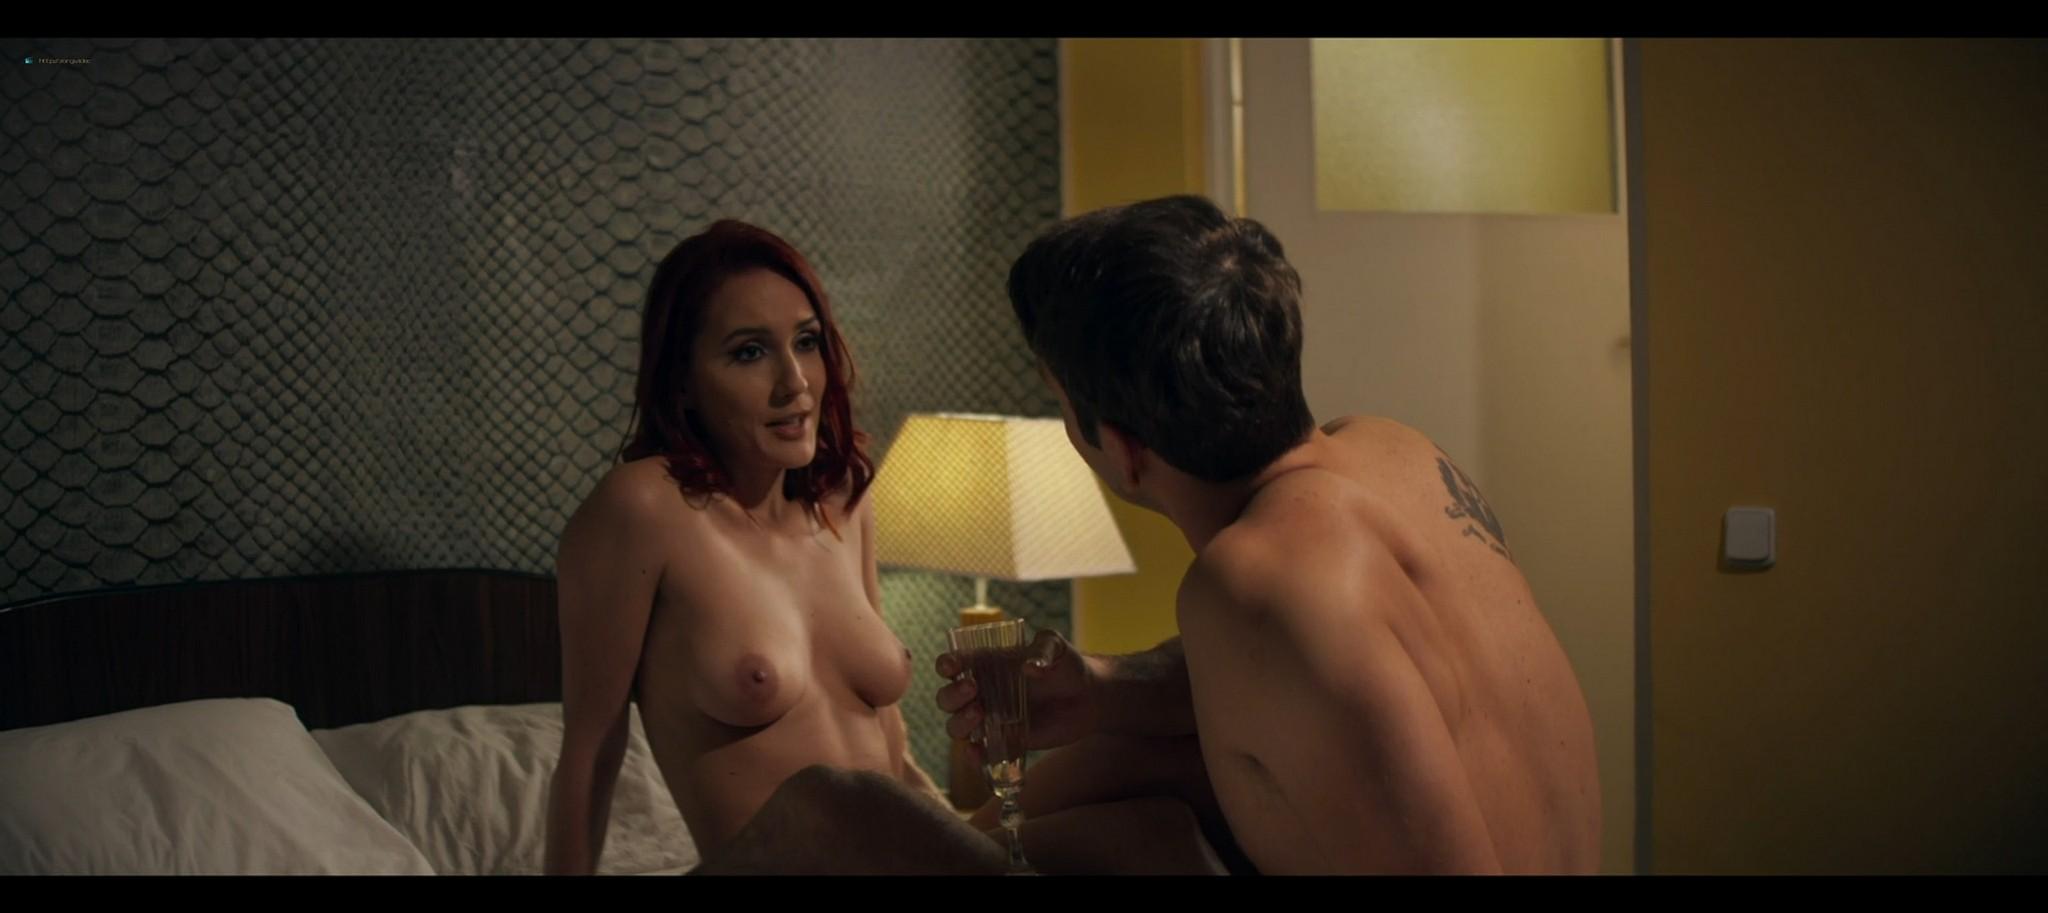 Michelle J Wright nude and sex Gabriela Brinza nude sex Introspectum Motel 2021 1080p Web 7